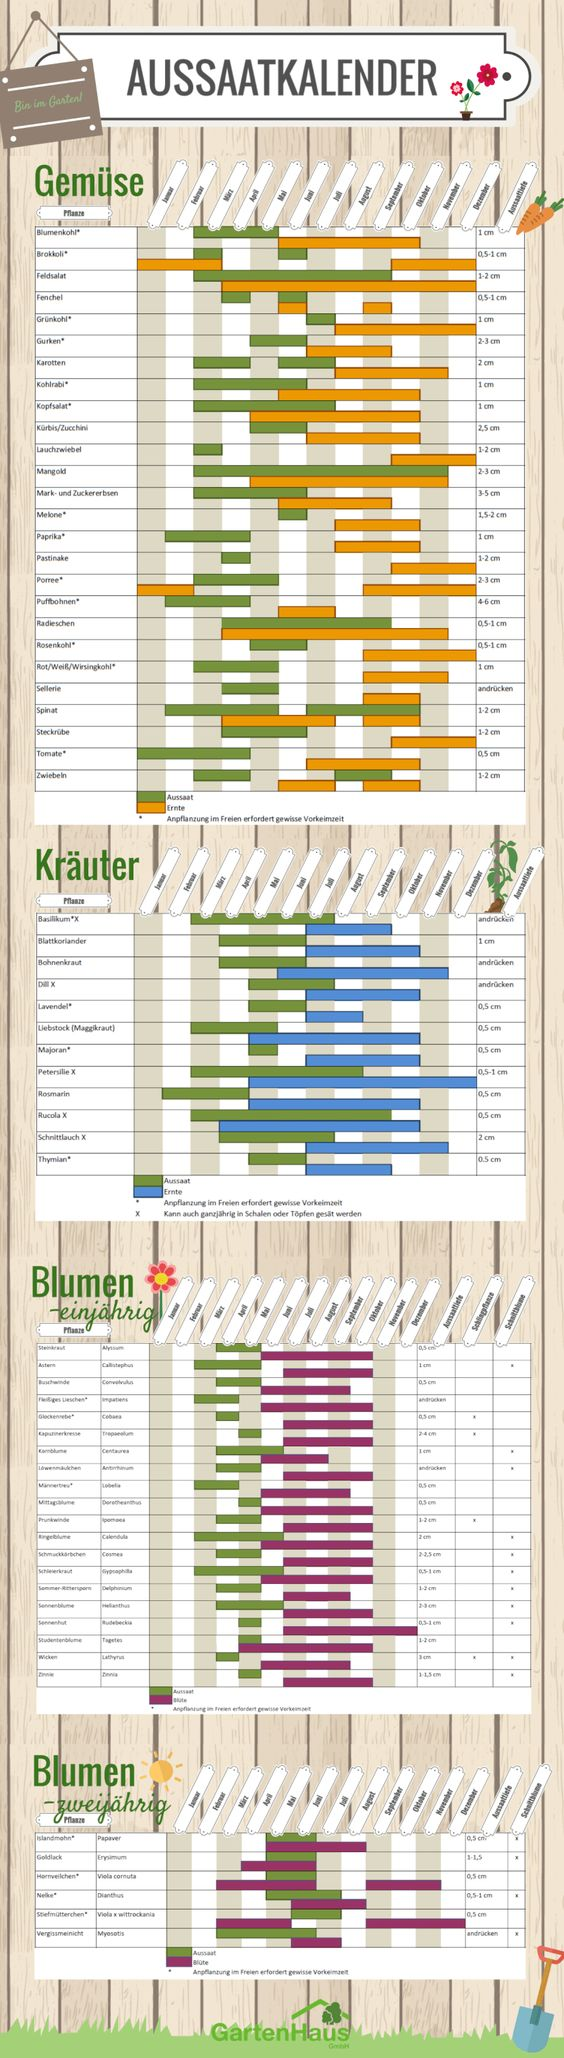 aussaatkalender 2016: was müssen sie wann pflanzen?, Gartengerate ideen